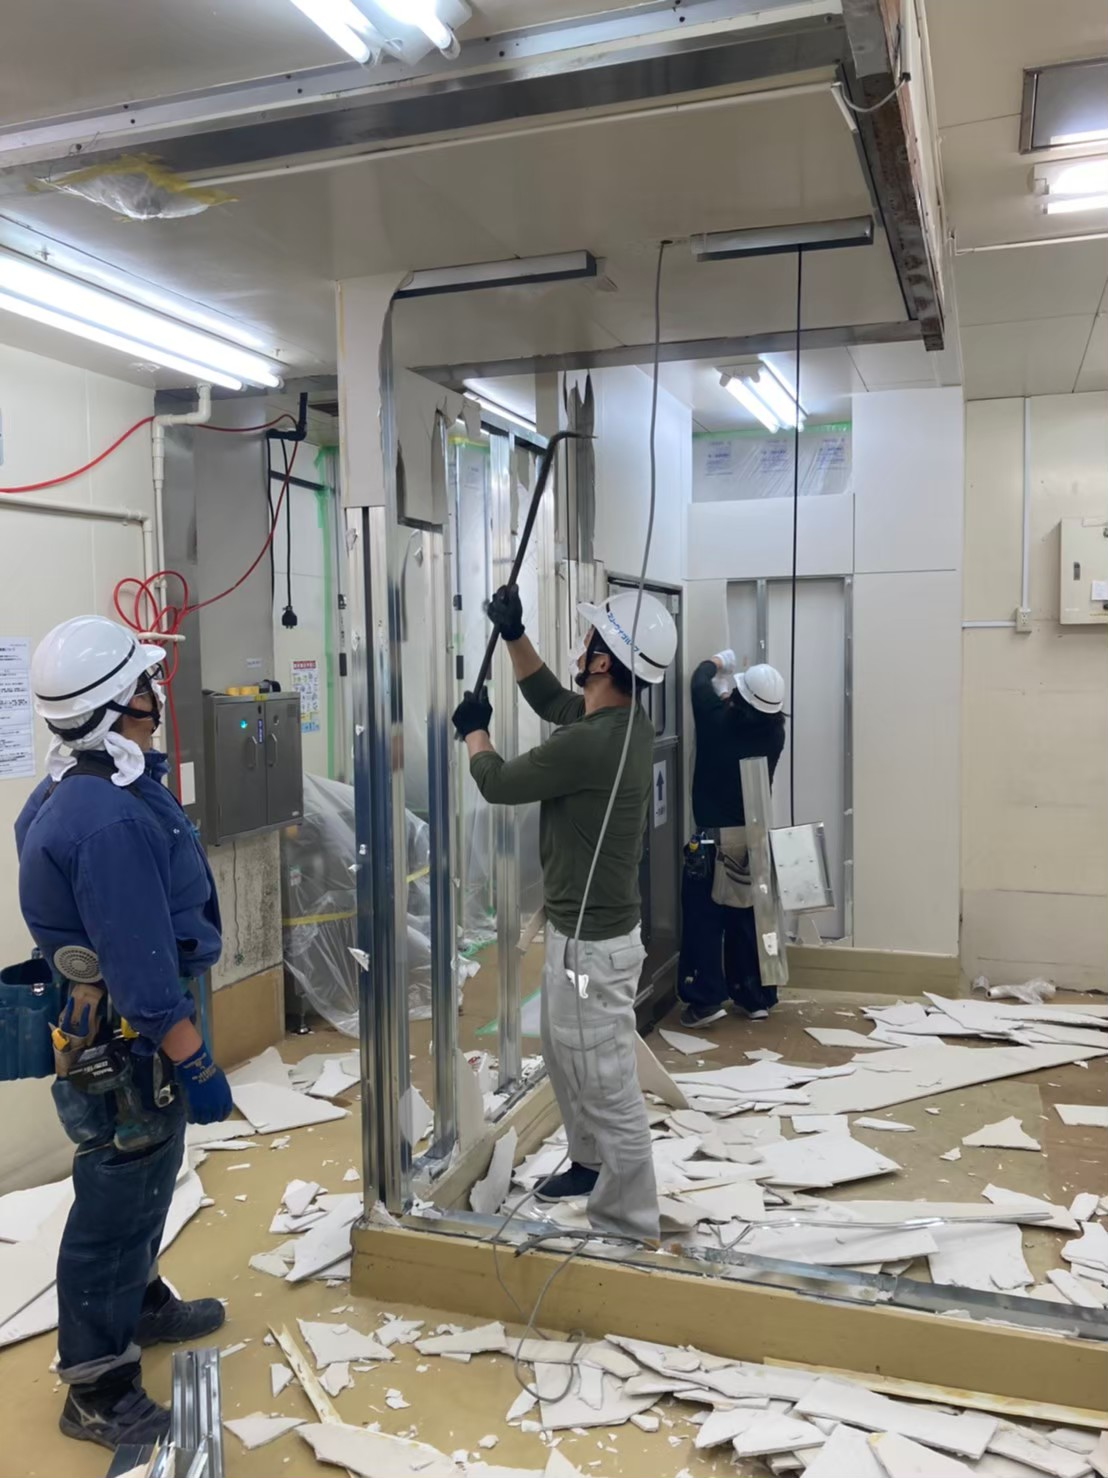 板橋区の生鮮センター間仕切り解体